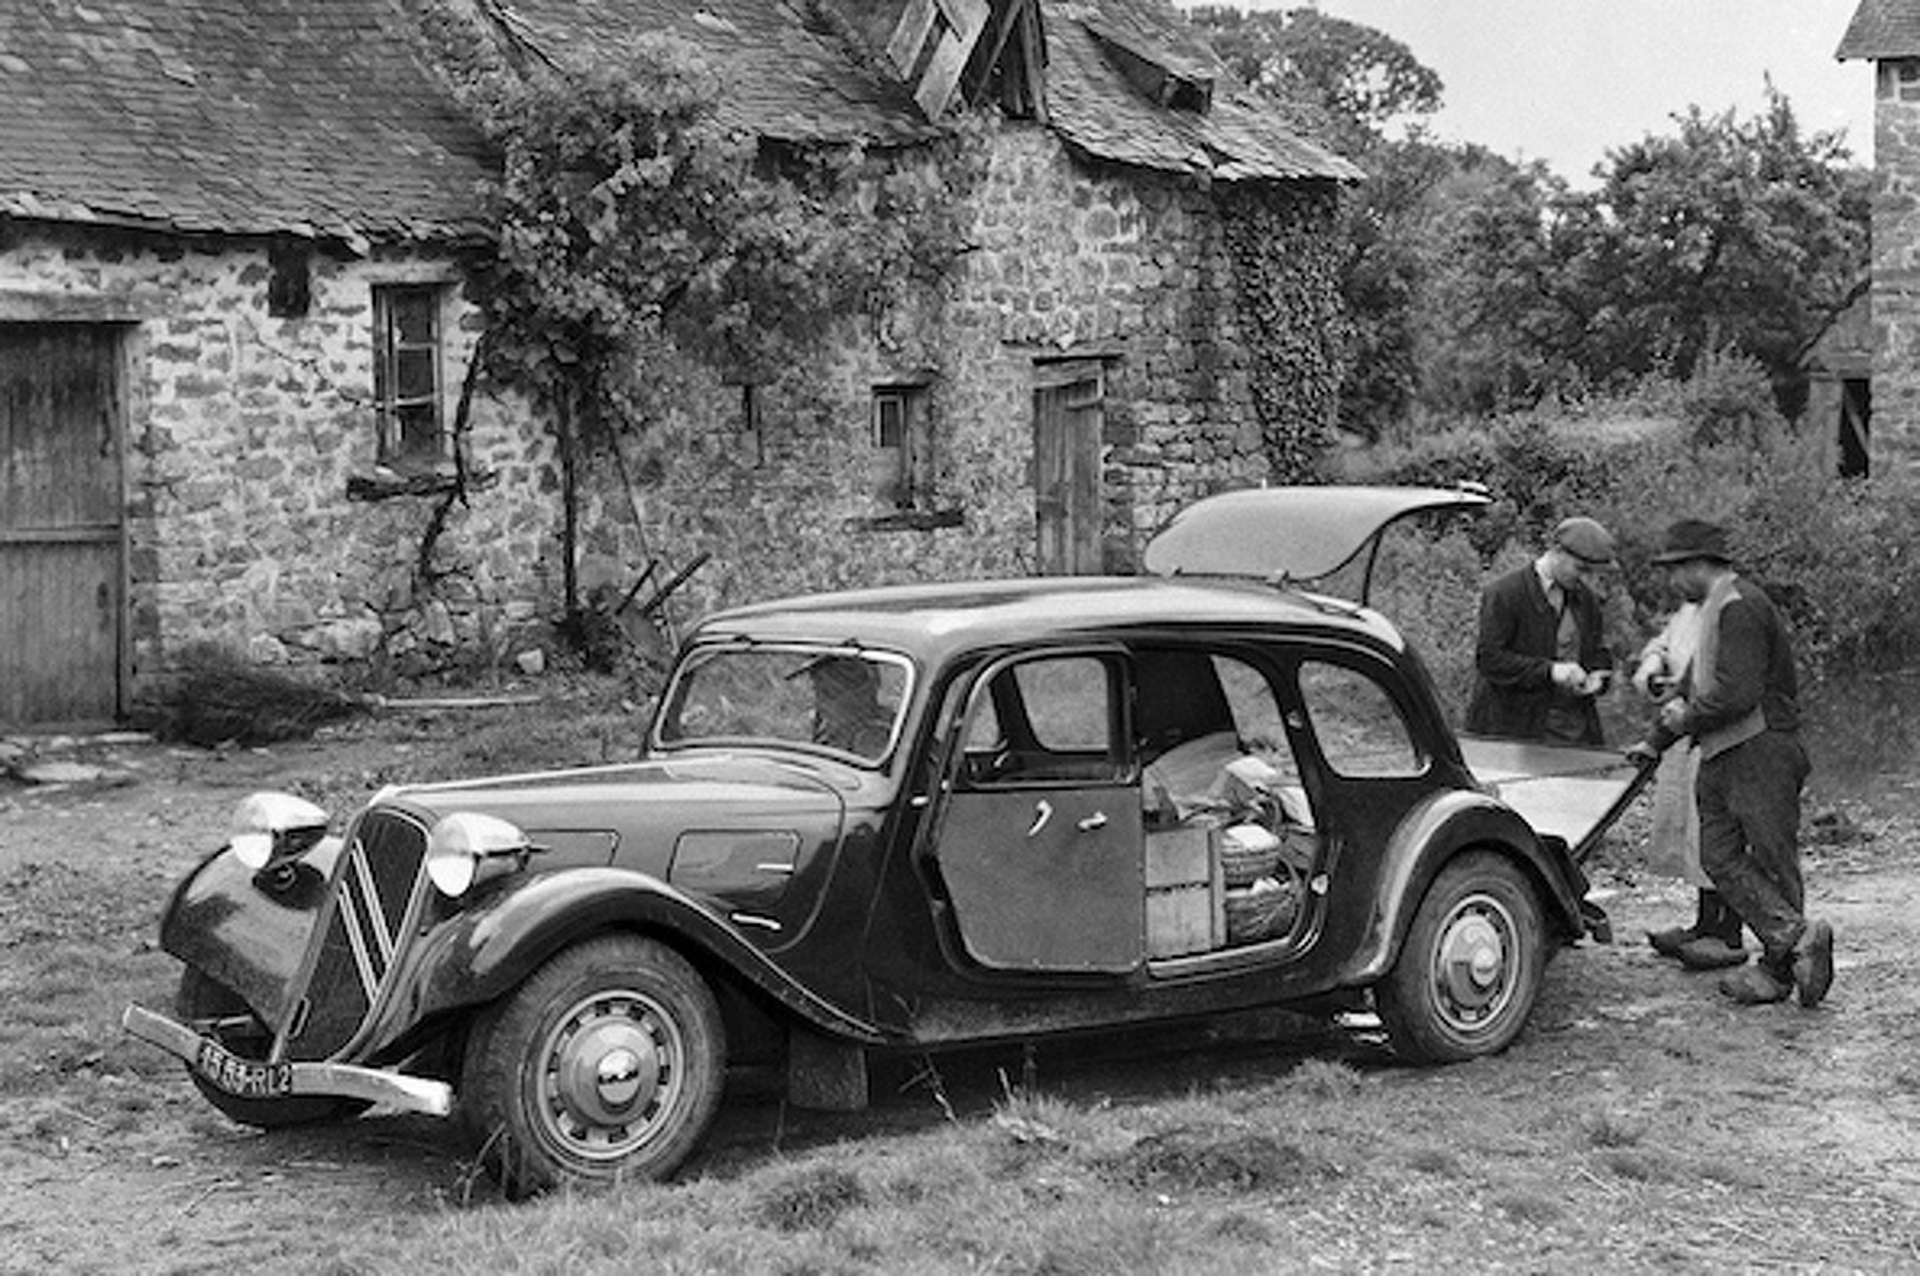 Andre Citroen: Europe's Henry Ford